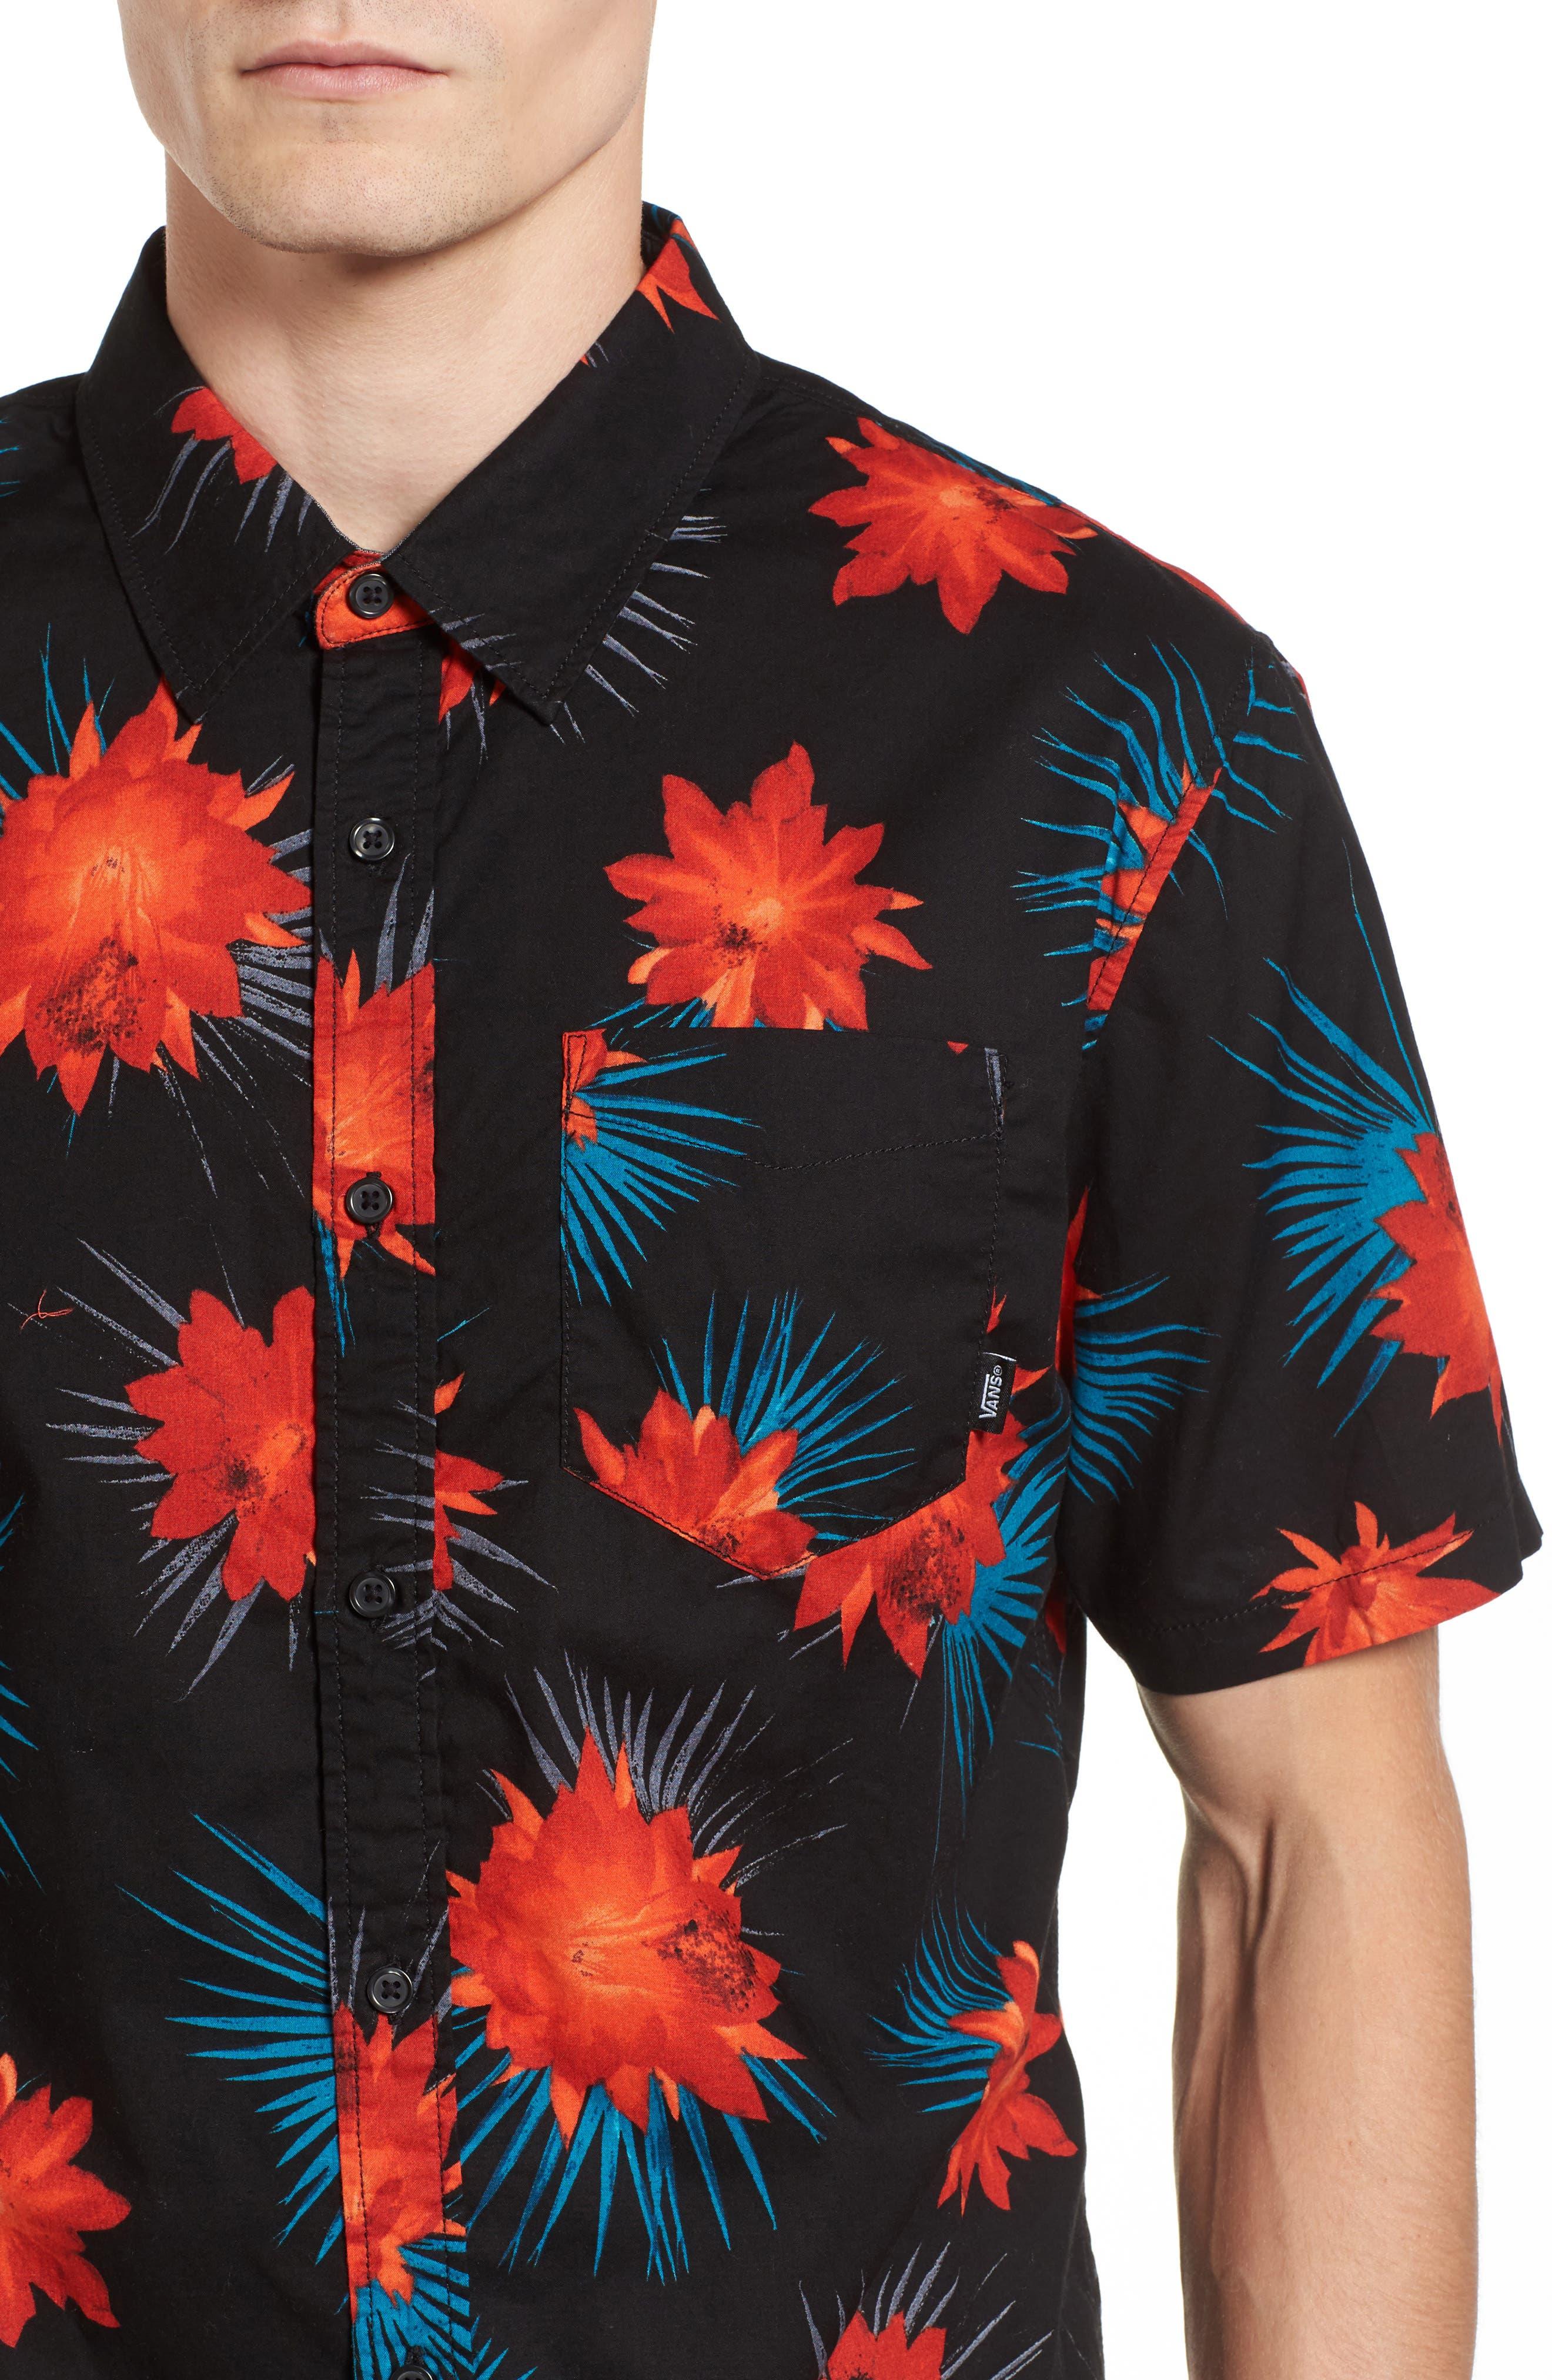 Cultivar Woven Shirt,                             Alternate thumbnail 4, color,                             Cactus Floral